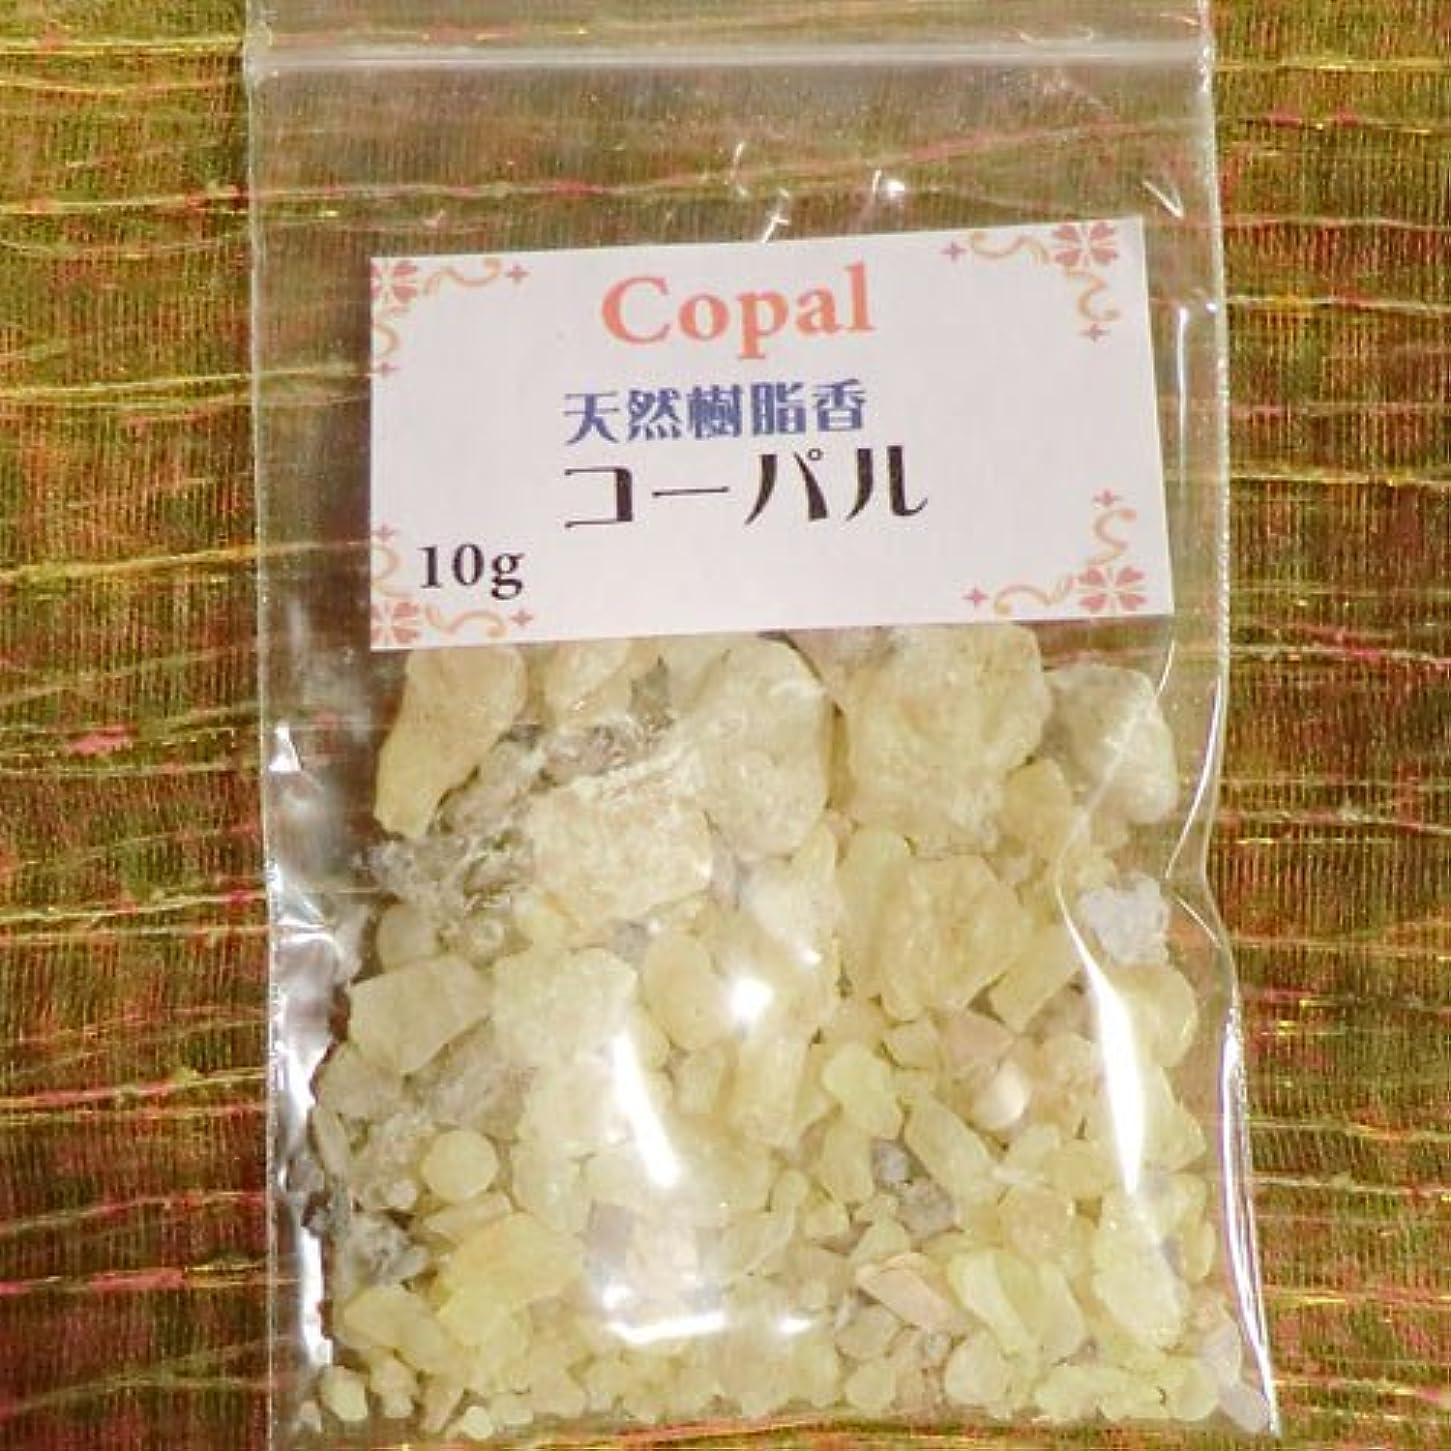 ビュッフェ強制的発見コーパル COPAL (天然樹脂香) (コーパル, 10g)